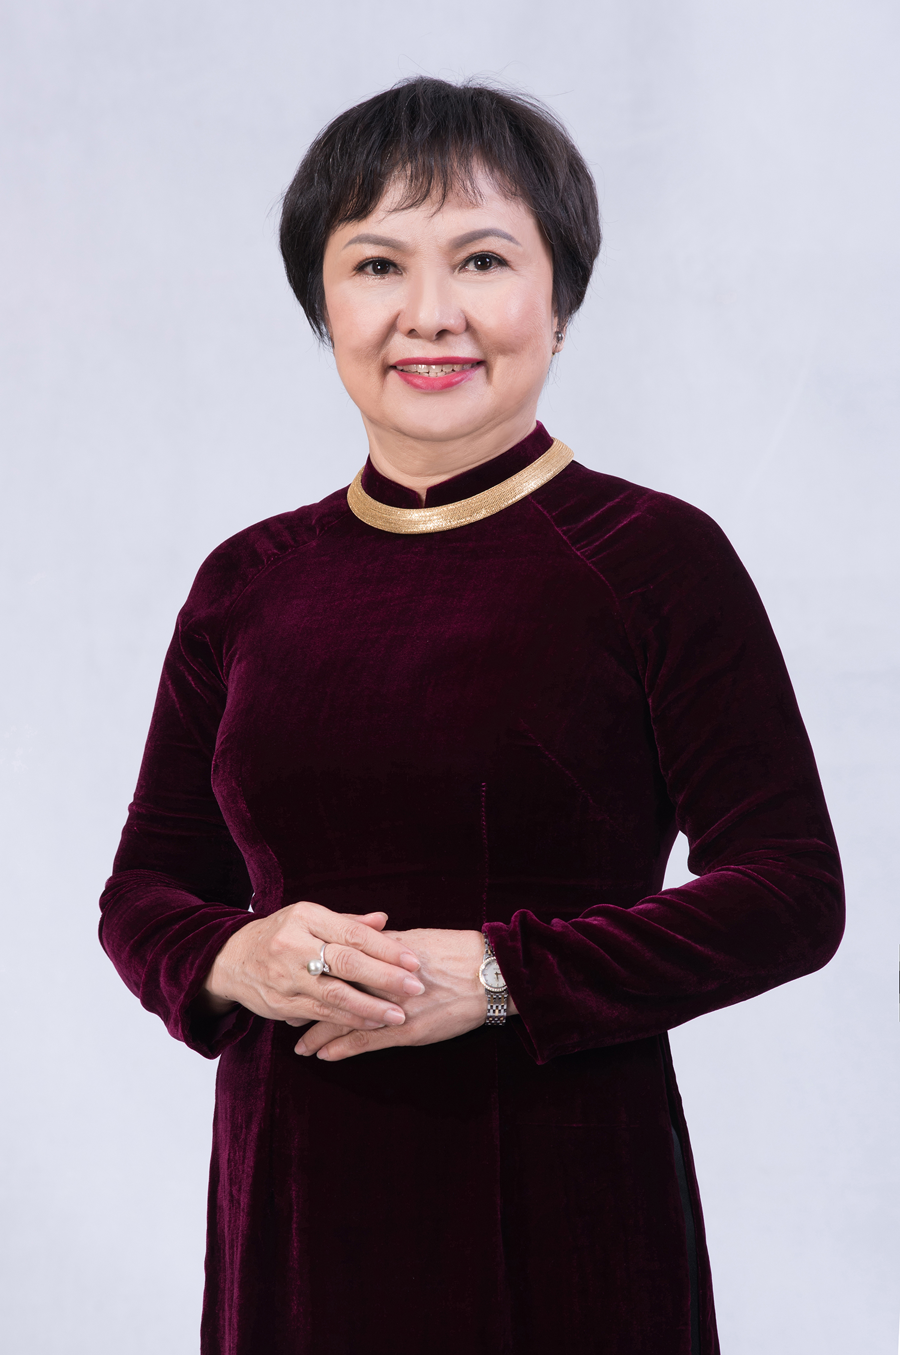 Bà Cao Thị Ngọc Dung Chủ tịch HĐQT Công ty cổ phần đá quý Phú Nhuận (PNJ)